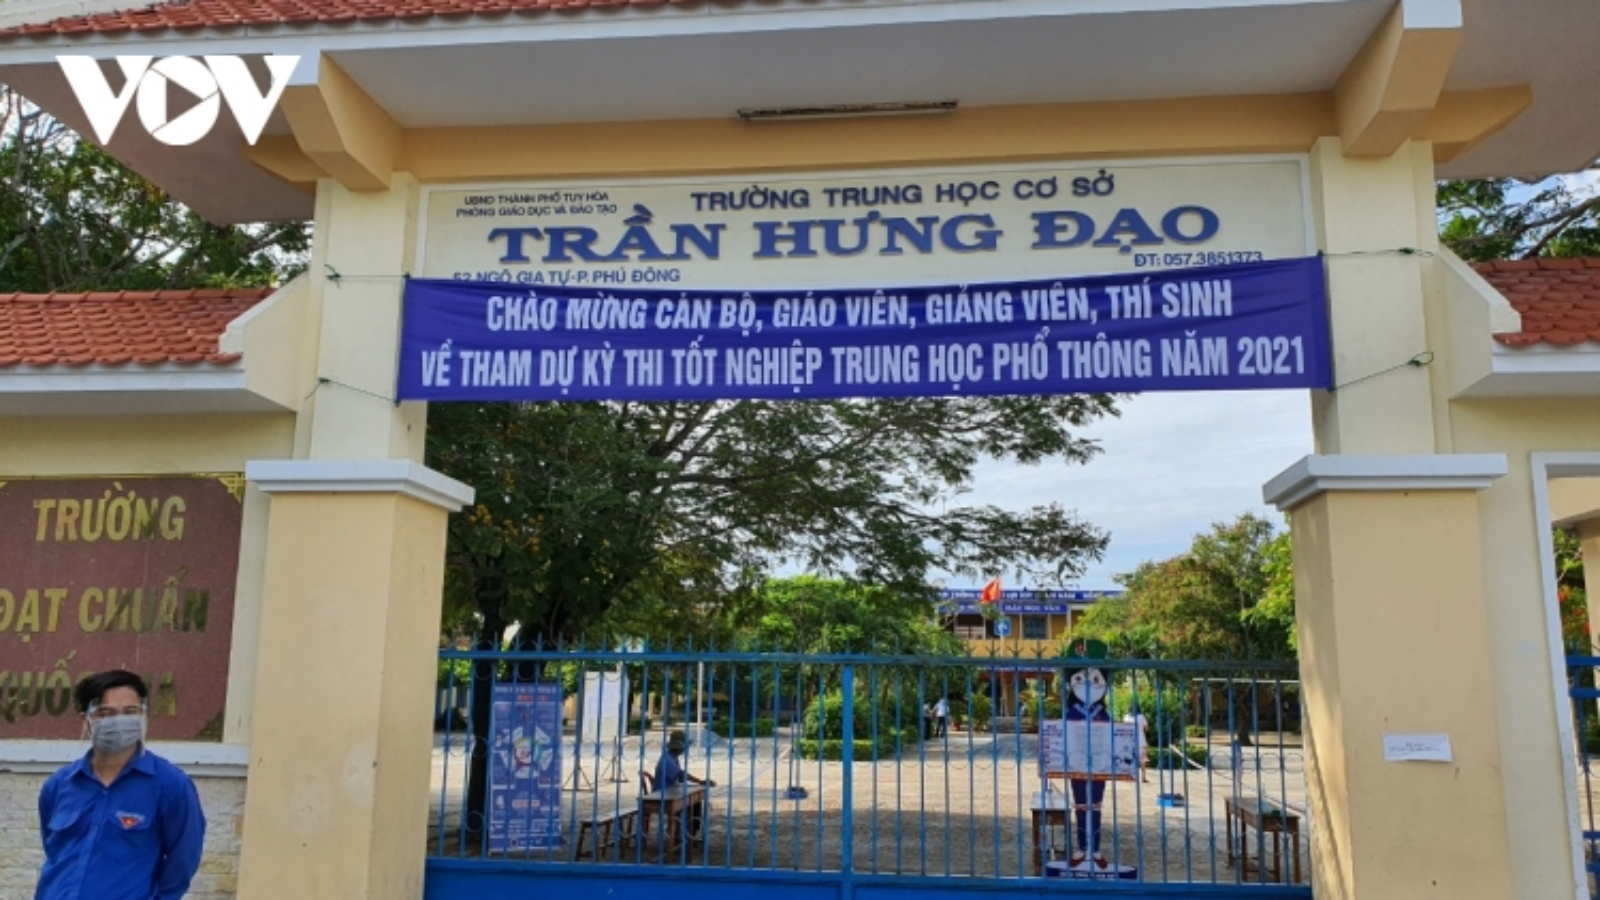 Phú Yên lên tiếng về việc 2 điểm thi tốt nghiệp THPT bị huỷ